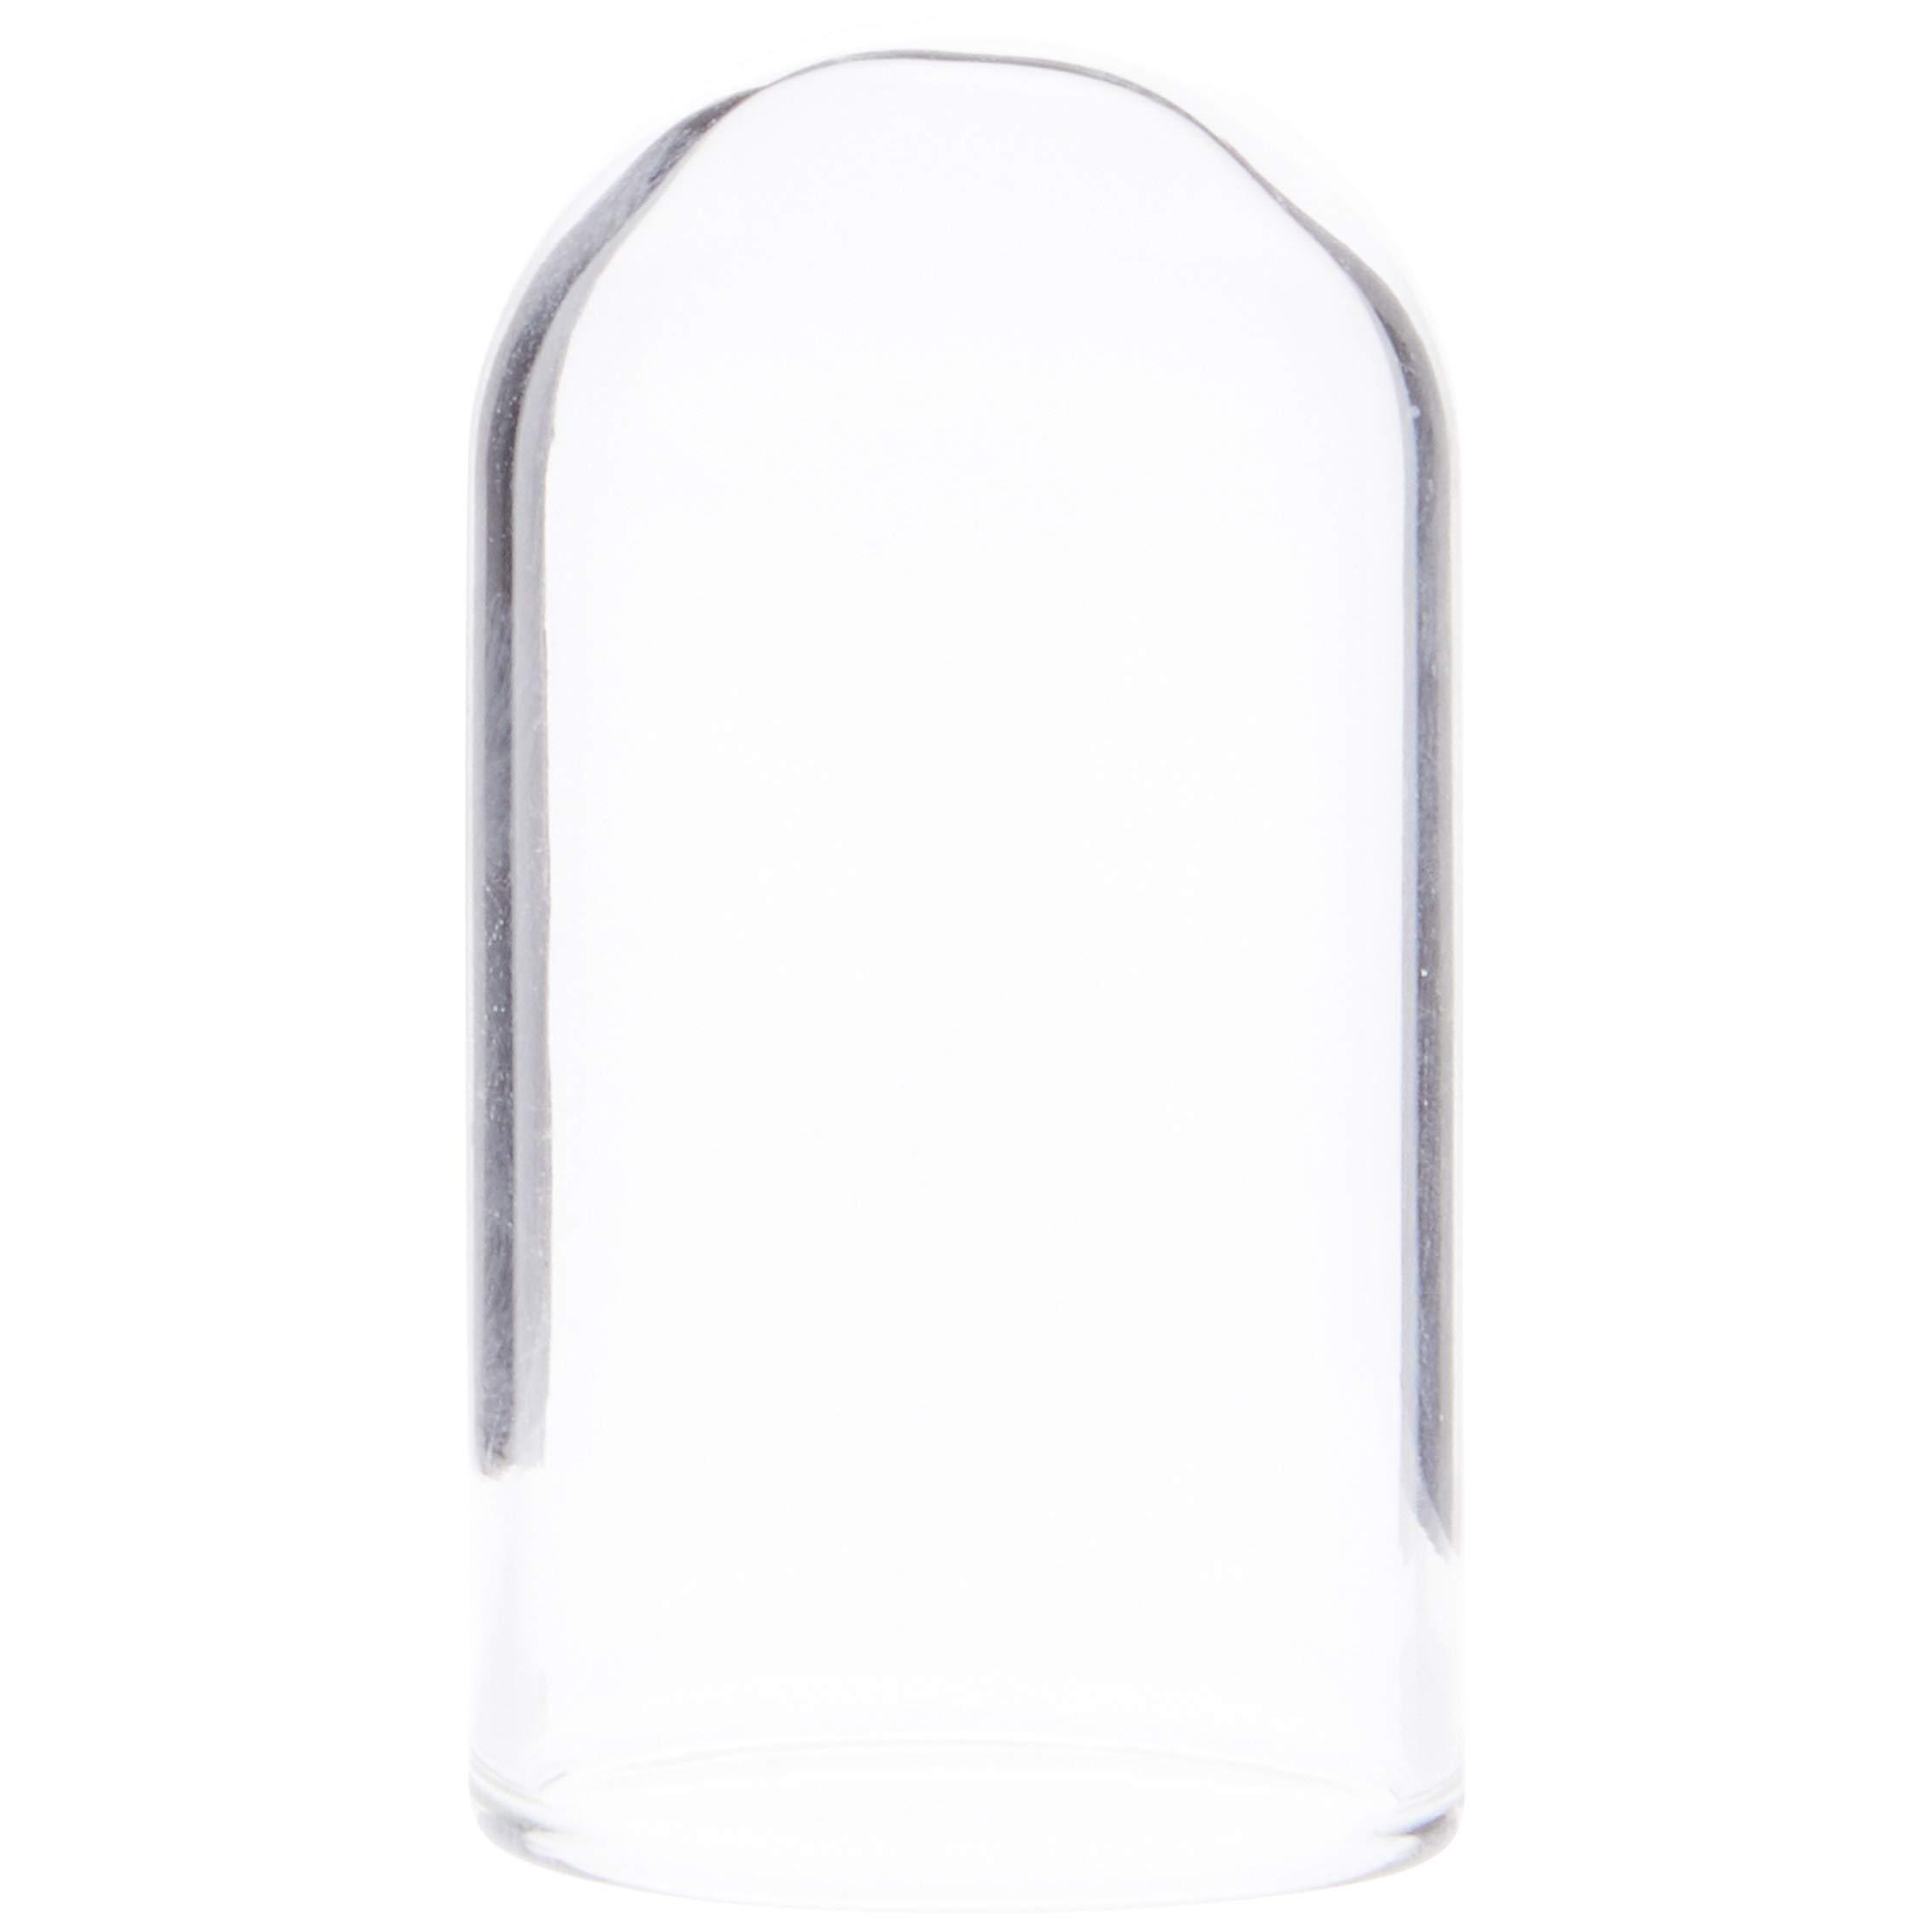 Divers Glass Super Dome plexy chrome Vetro armato Sub n° 338 diametro 33,8mm NOS